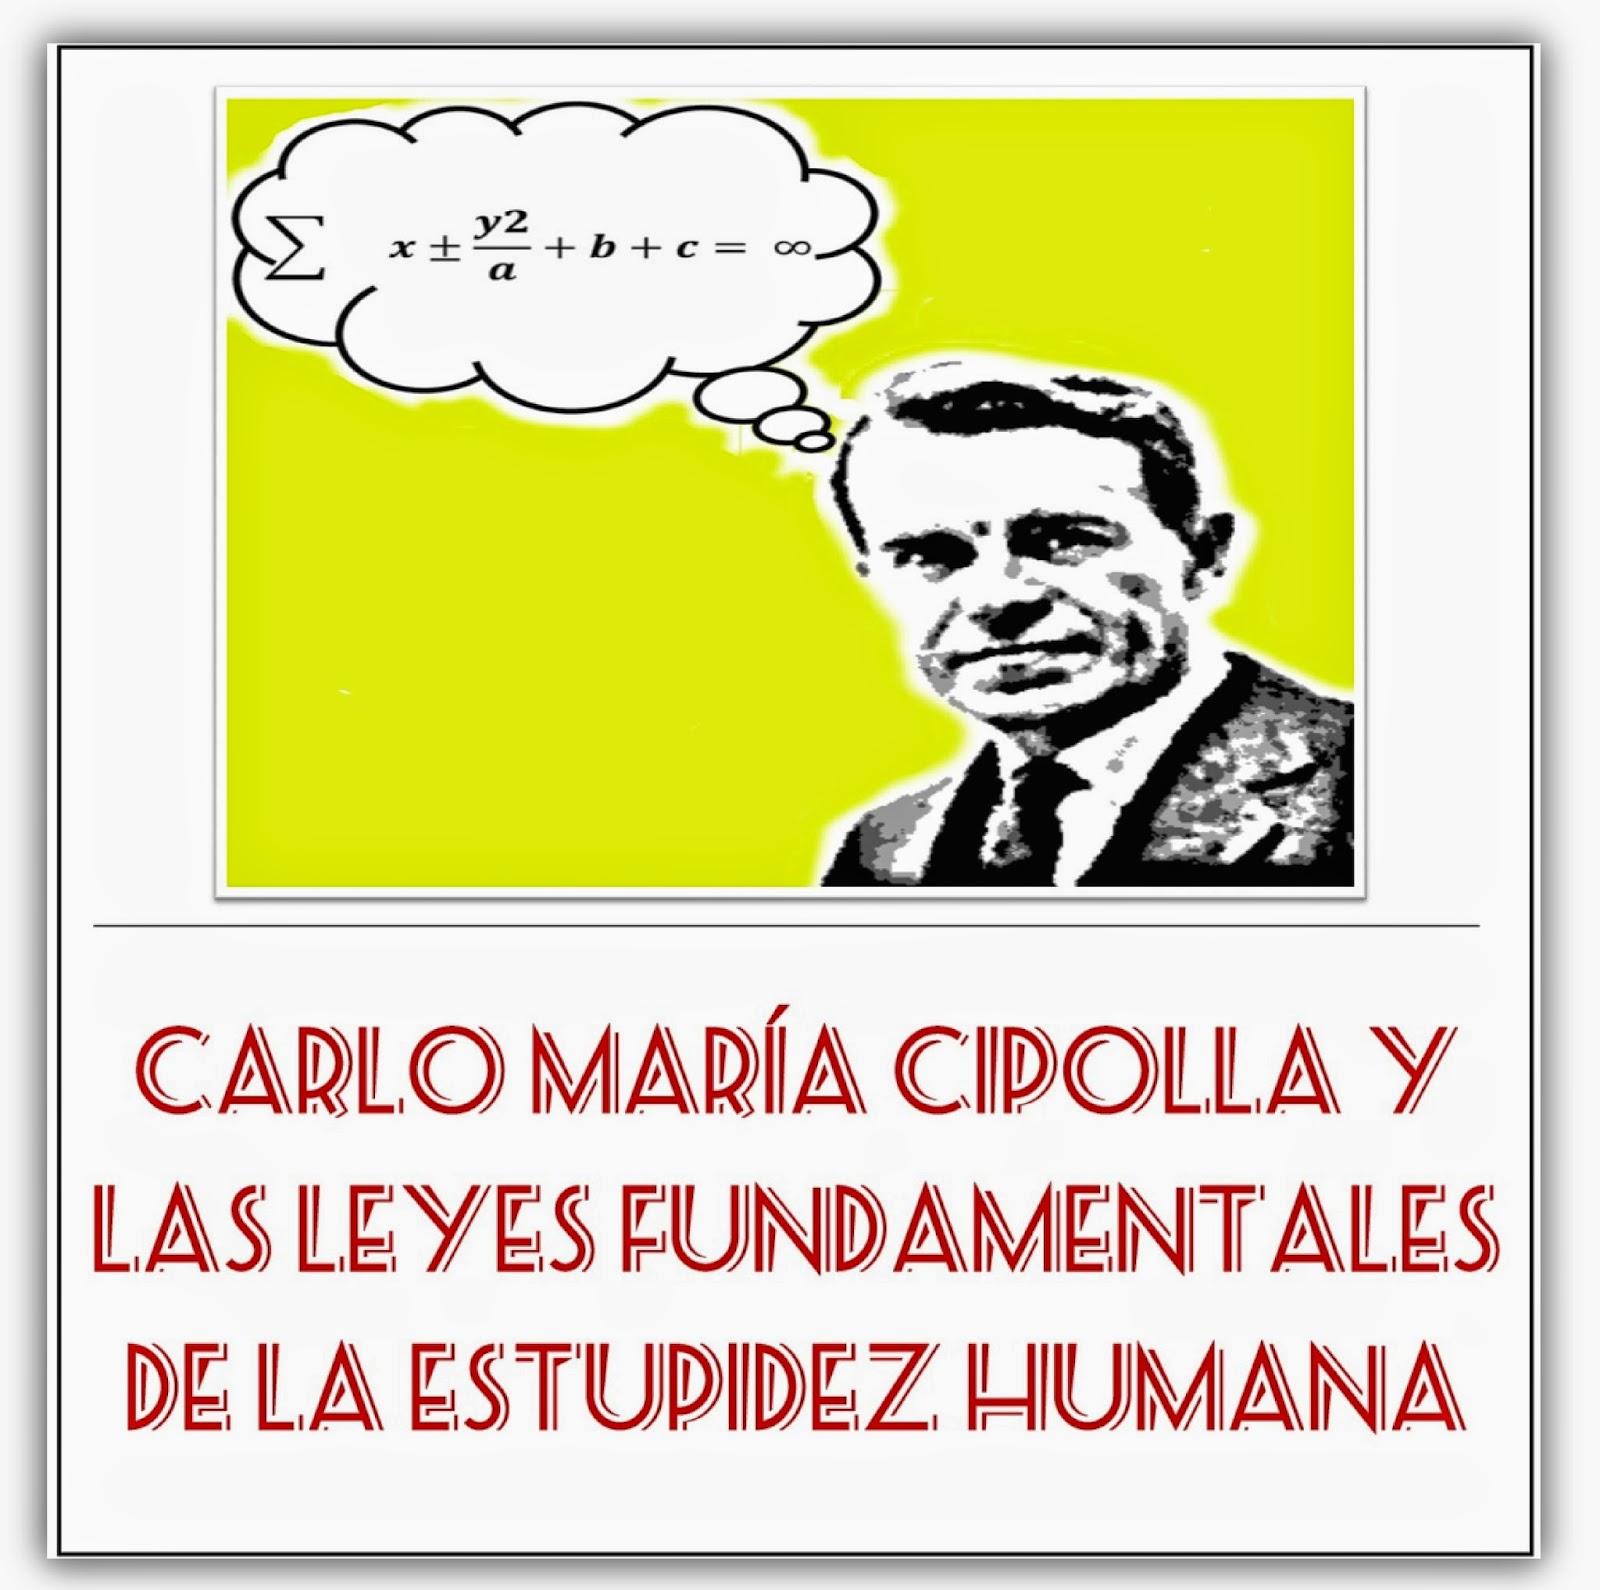 http://unalatadegalletas.blogspot.com.es/2013/11/carlo-maria-cipolla-y-las-leyes.html